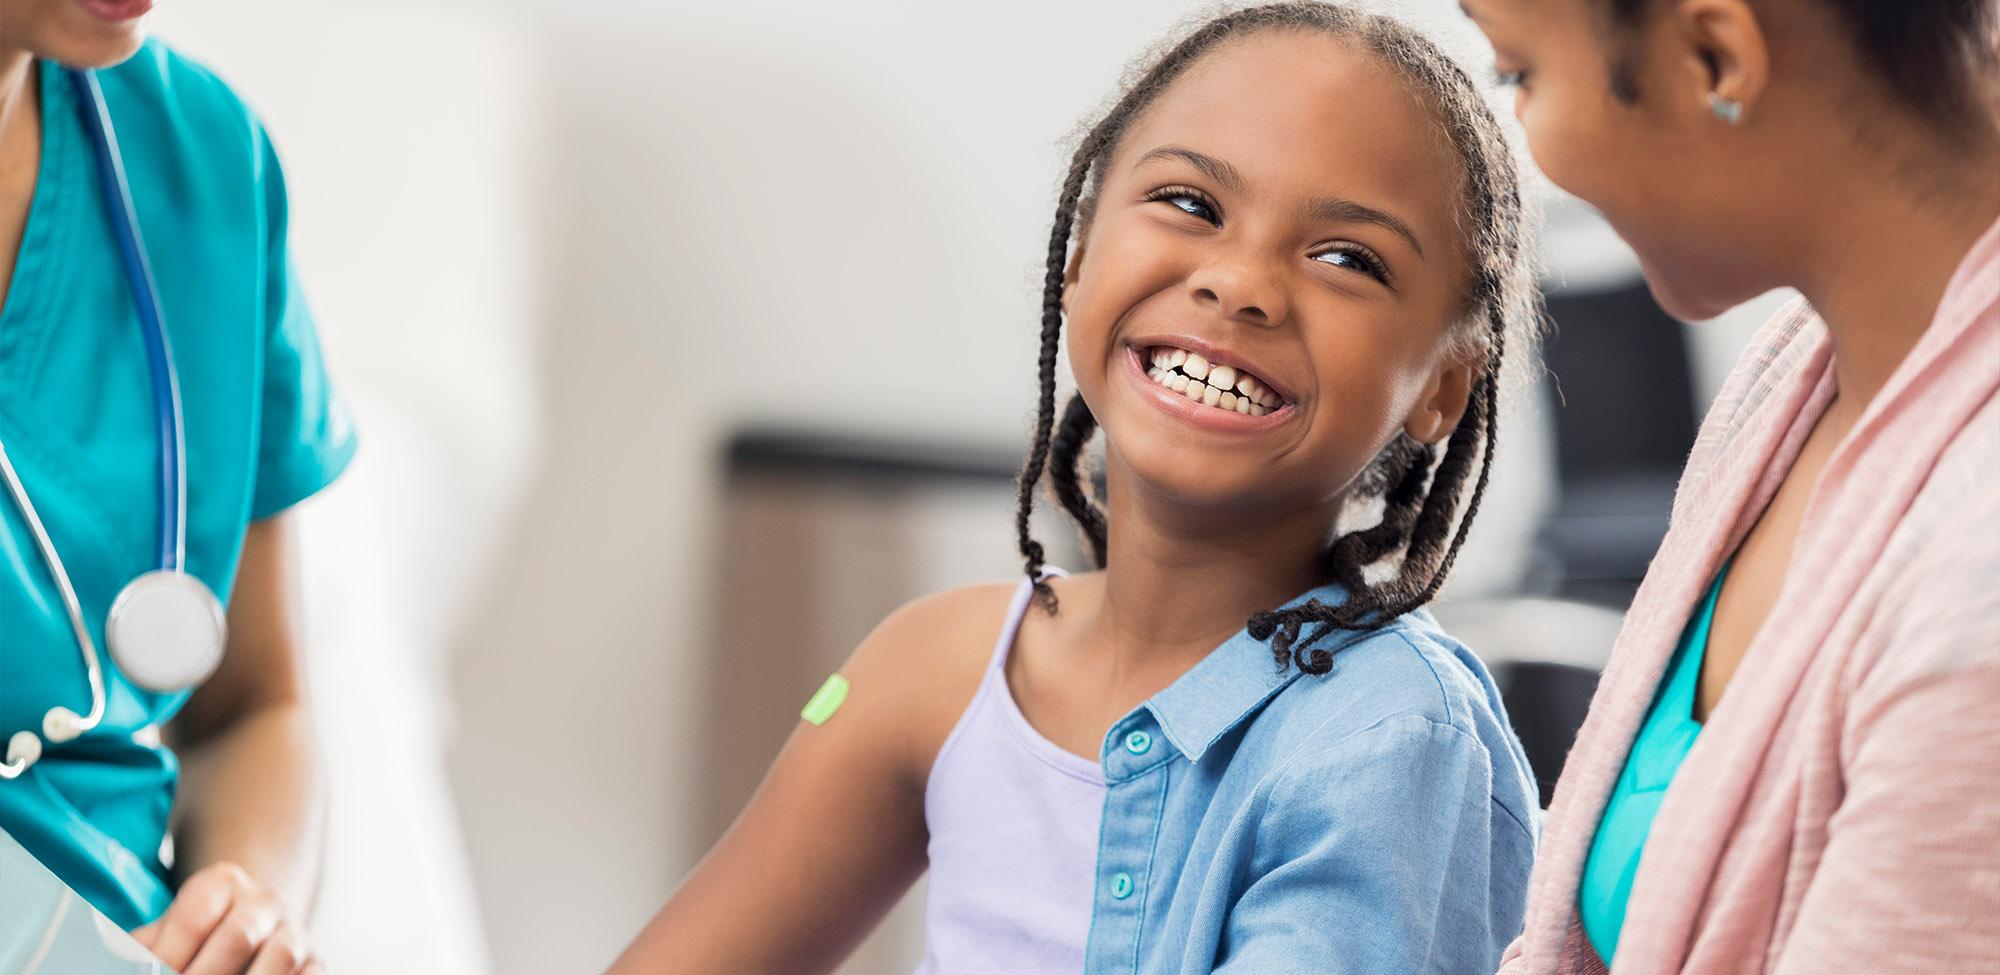 Queda na vacinação e seus reflexos na imunização